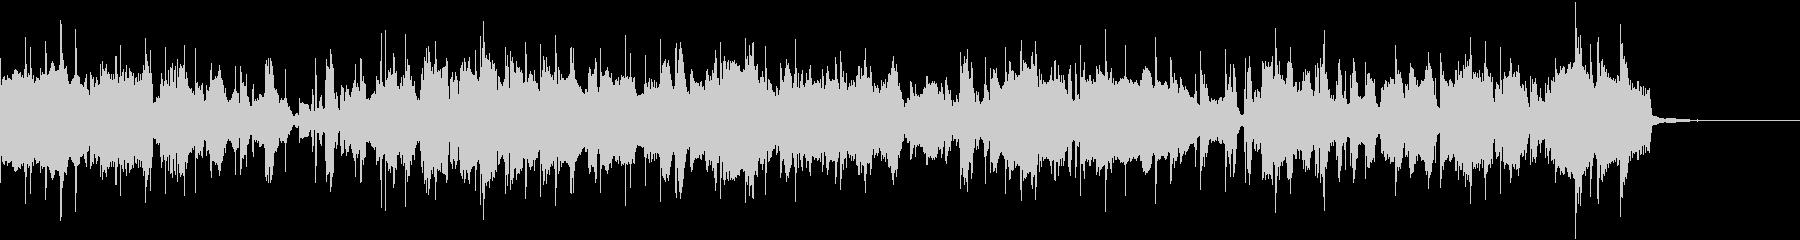 ソプラノサックスの軽快なフュージョンの未再生の波形